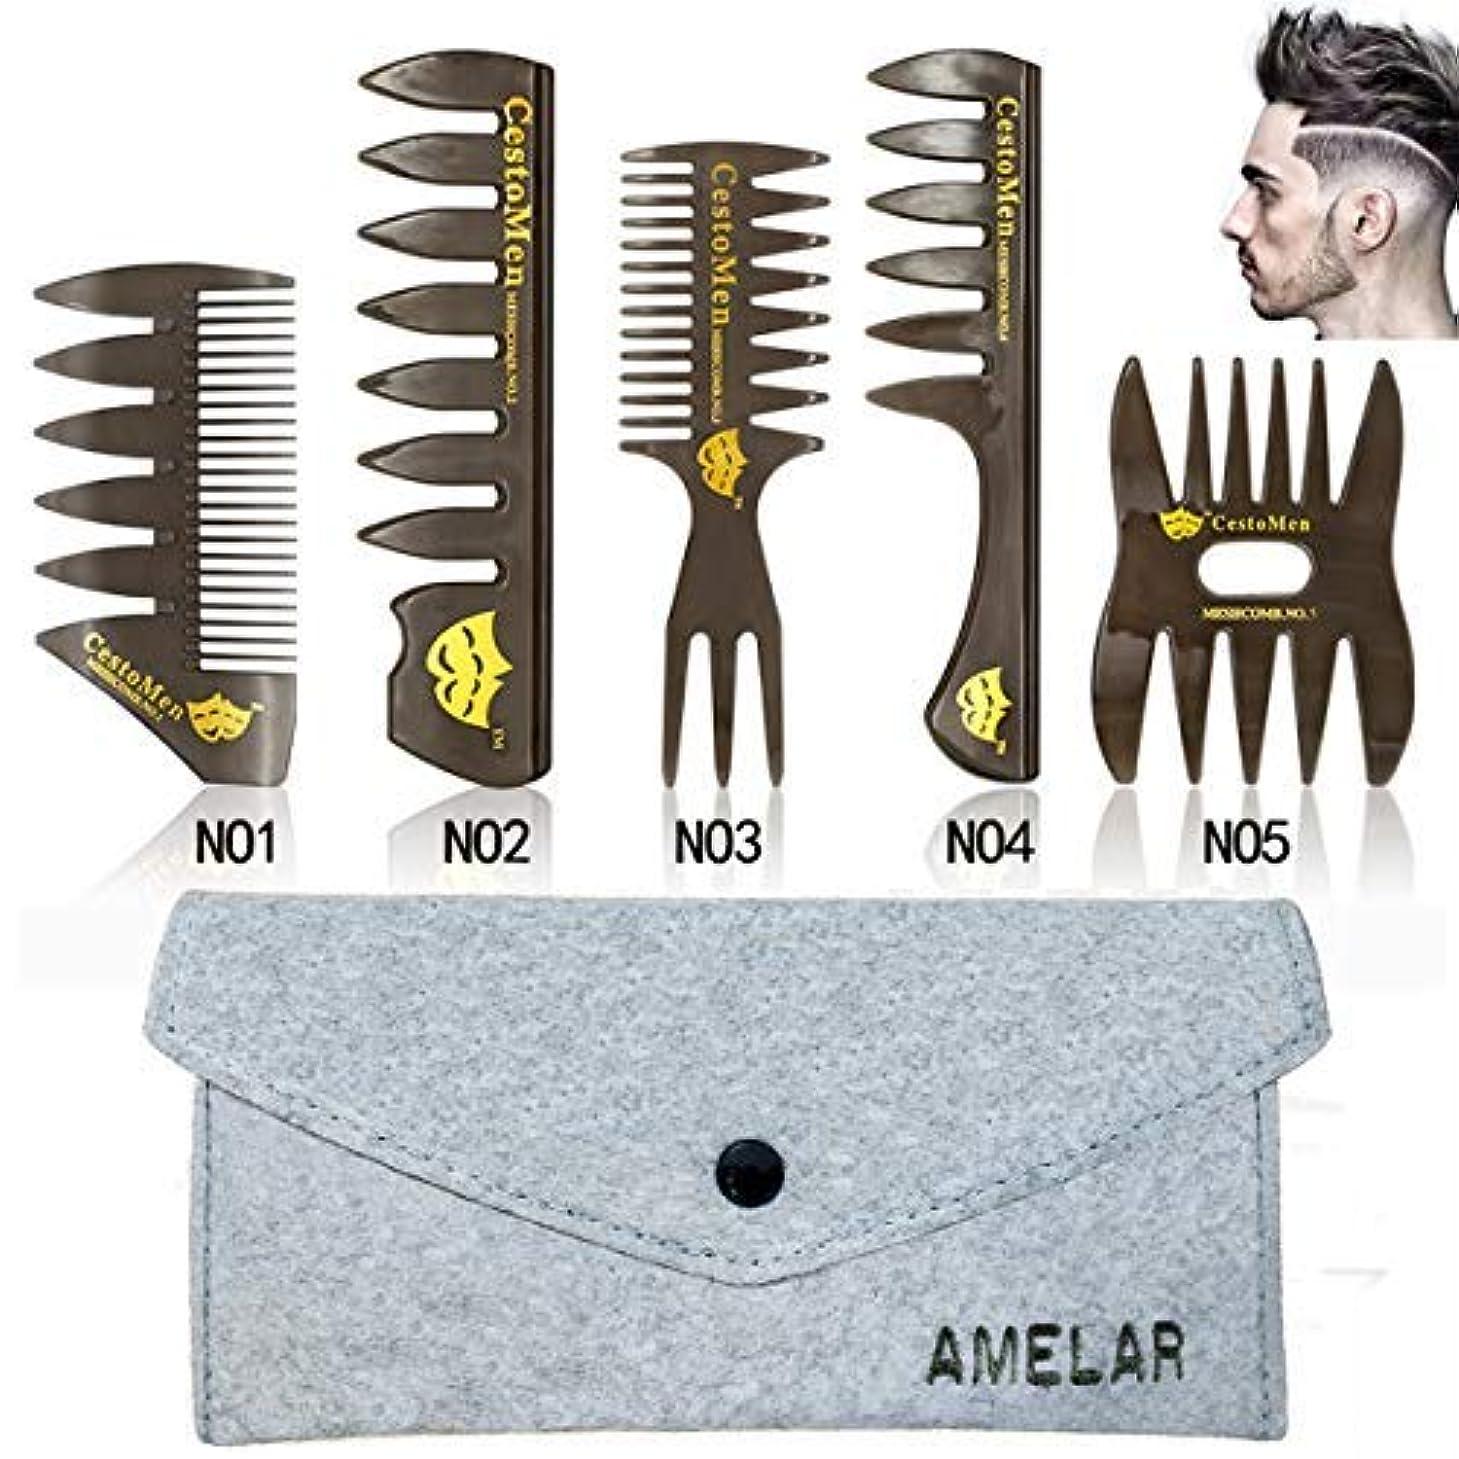 過去酸何でも6 PCS Hair Comb Styling Set Barber Hairstylist Accessories,Professional Shaping & Wet Pick Barber Brush Tools, Anti-Static Hair Brush for Men Boys [並行輸入品]